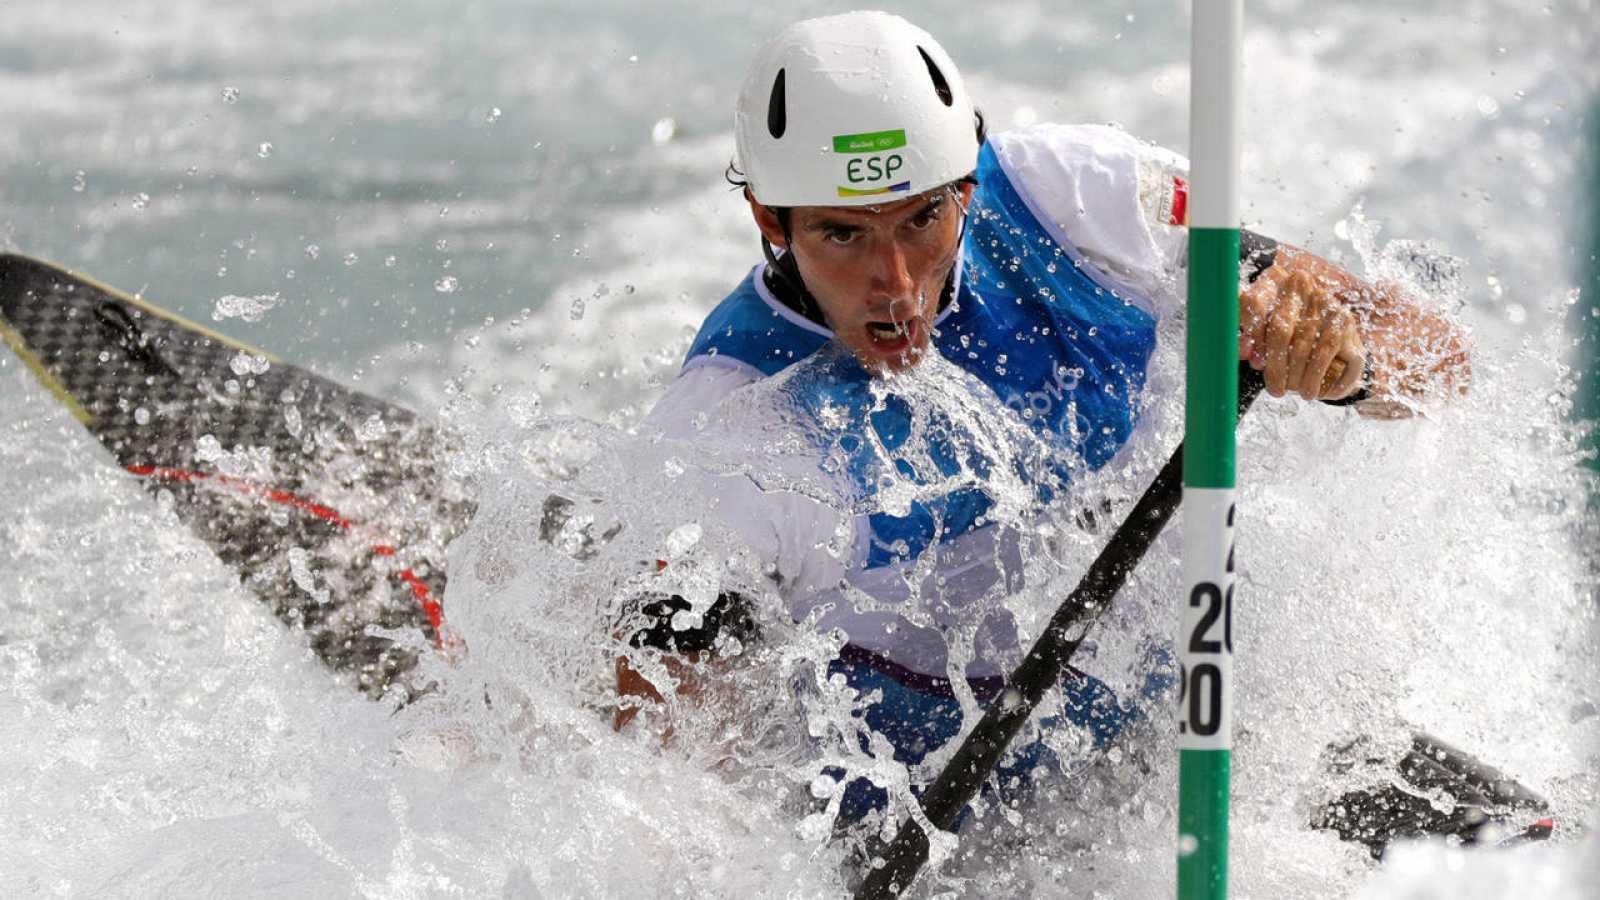 Ander Elosegui en la bajada de las semifinales de C1 en aguas bravas disputada en Río 2016. Se clasificó a la final y acabó octavo en el torneo olímpico.